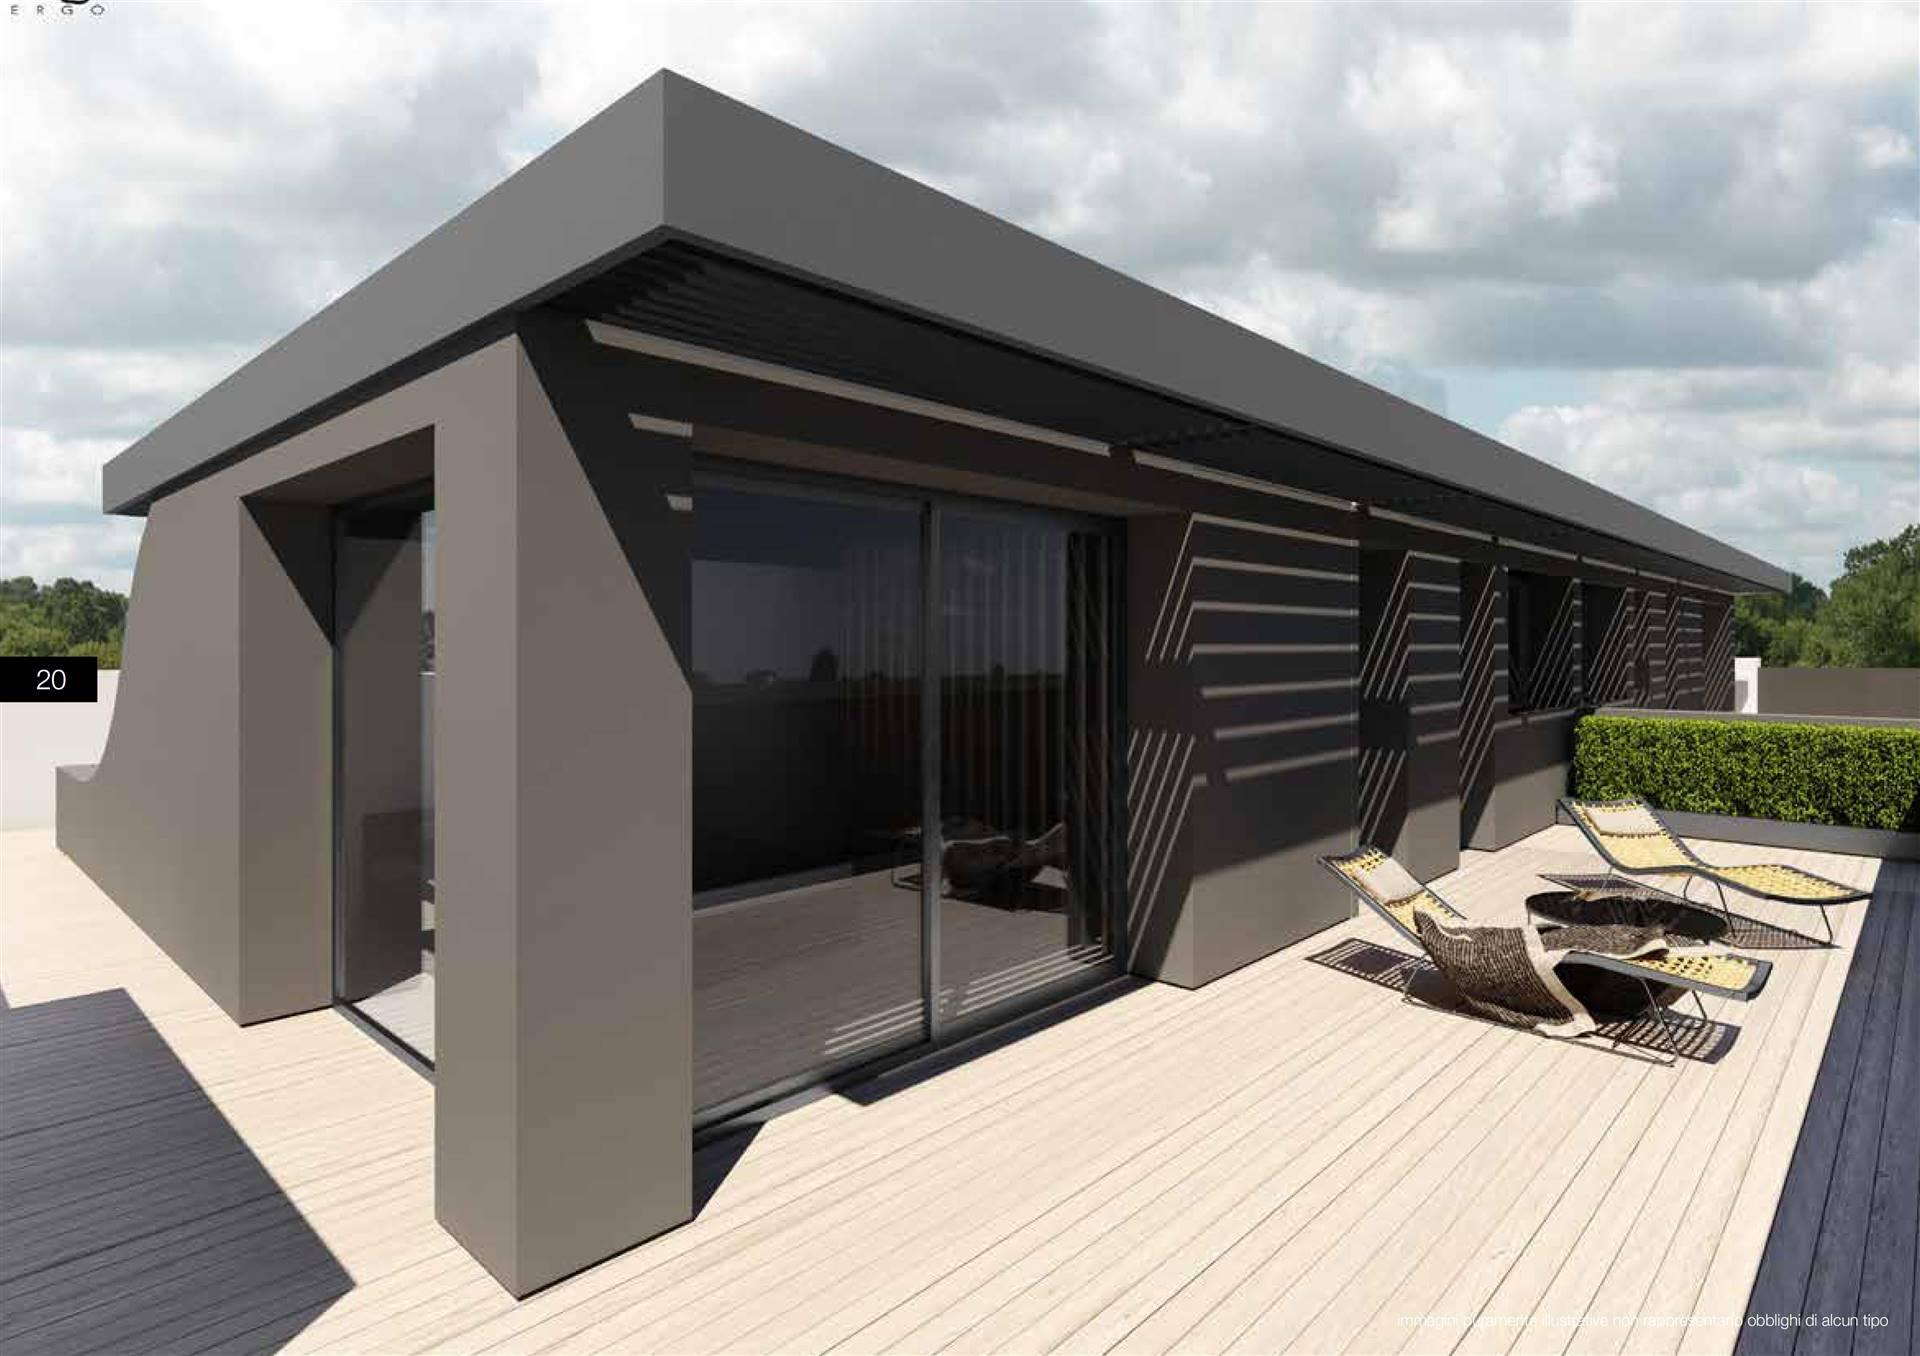 OLMO CENTRO: proponiamo attico su due livelli di nuova costruzione su un contesto tranquillo, di solo 6 unità abitative in una zona residenziale nel